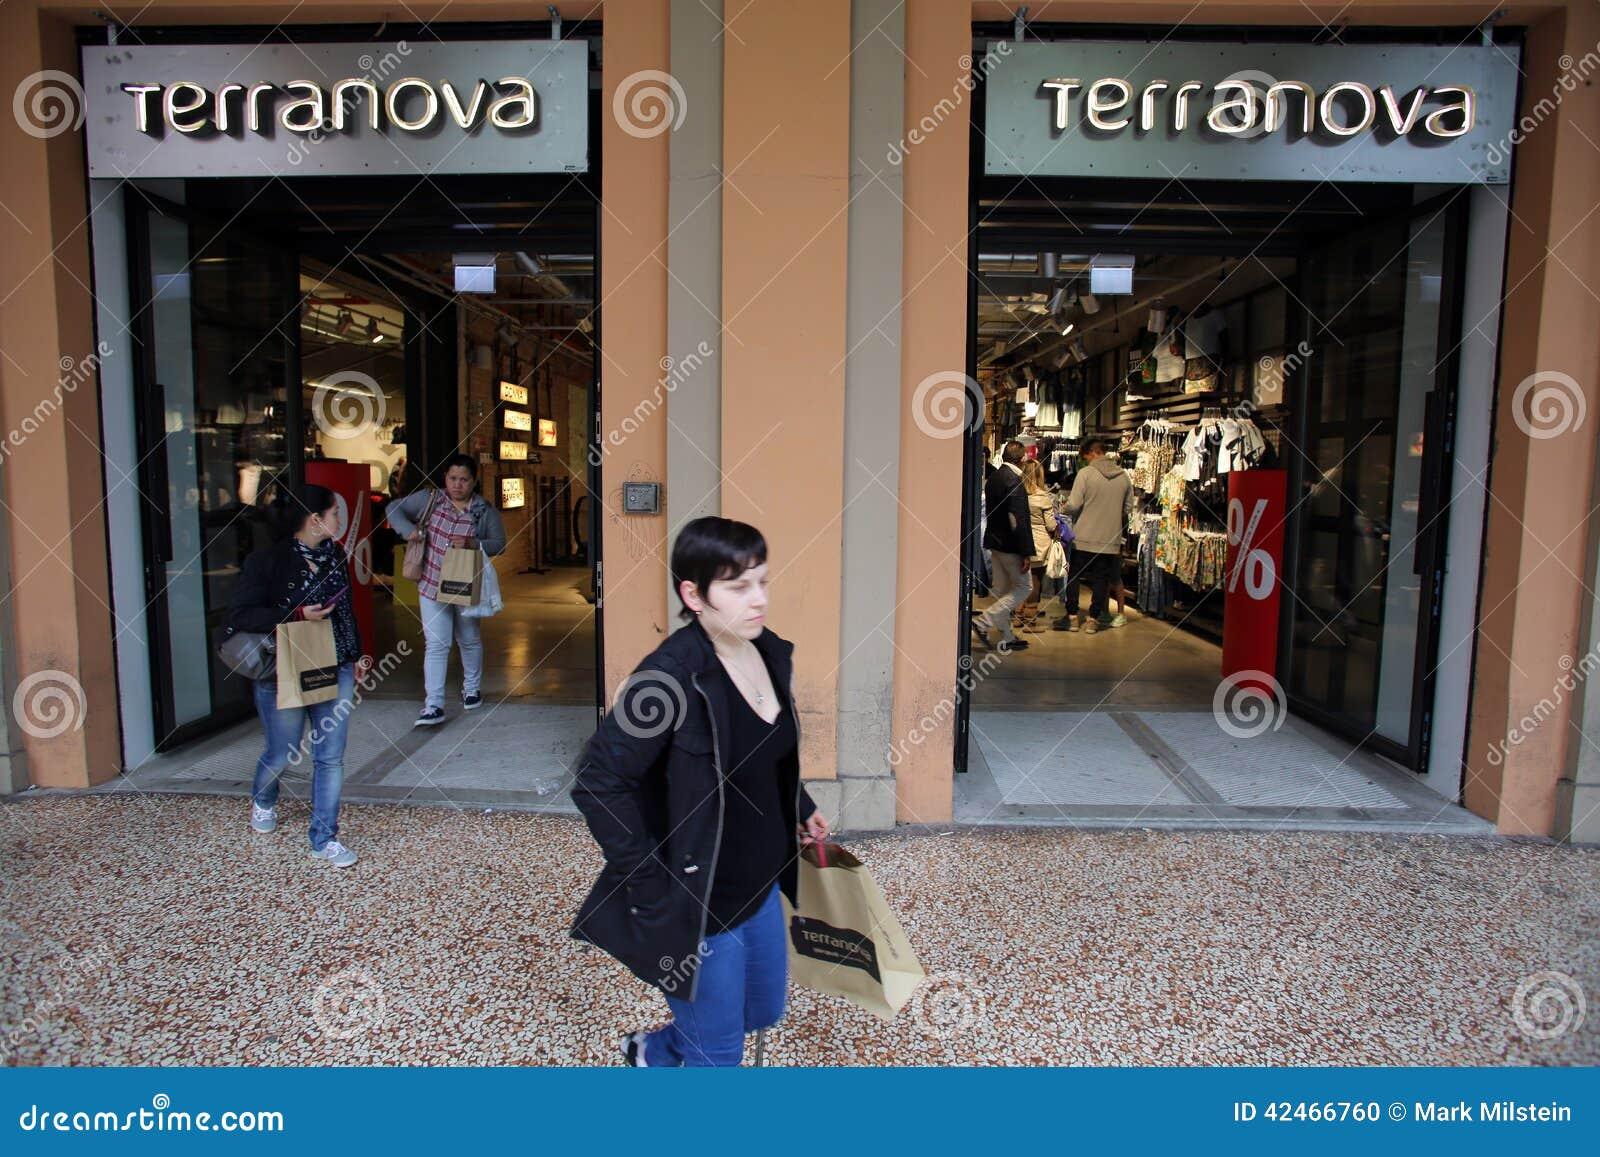 7558c556ffe0 NEGOZIO DI VESTITI DI TERRANOVA Immagine Editoriale - Immagine di ...